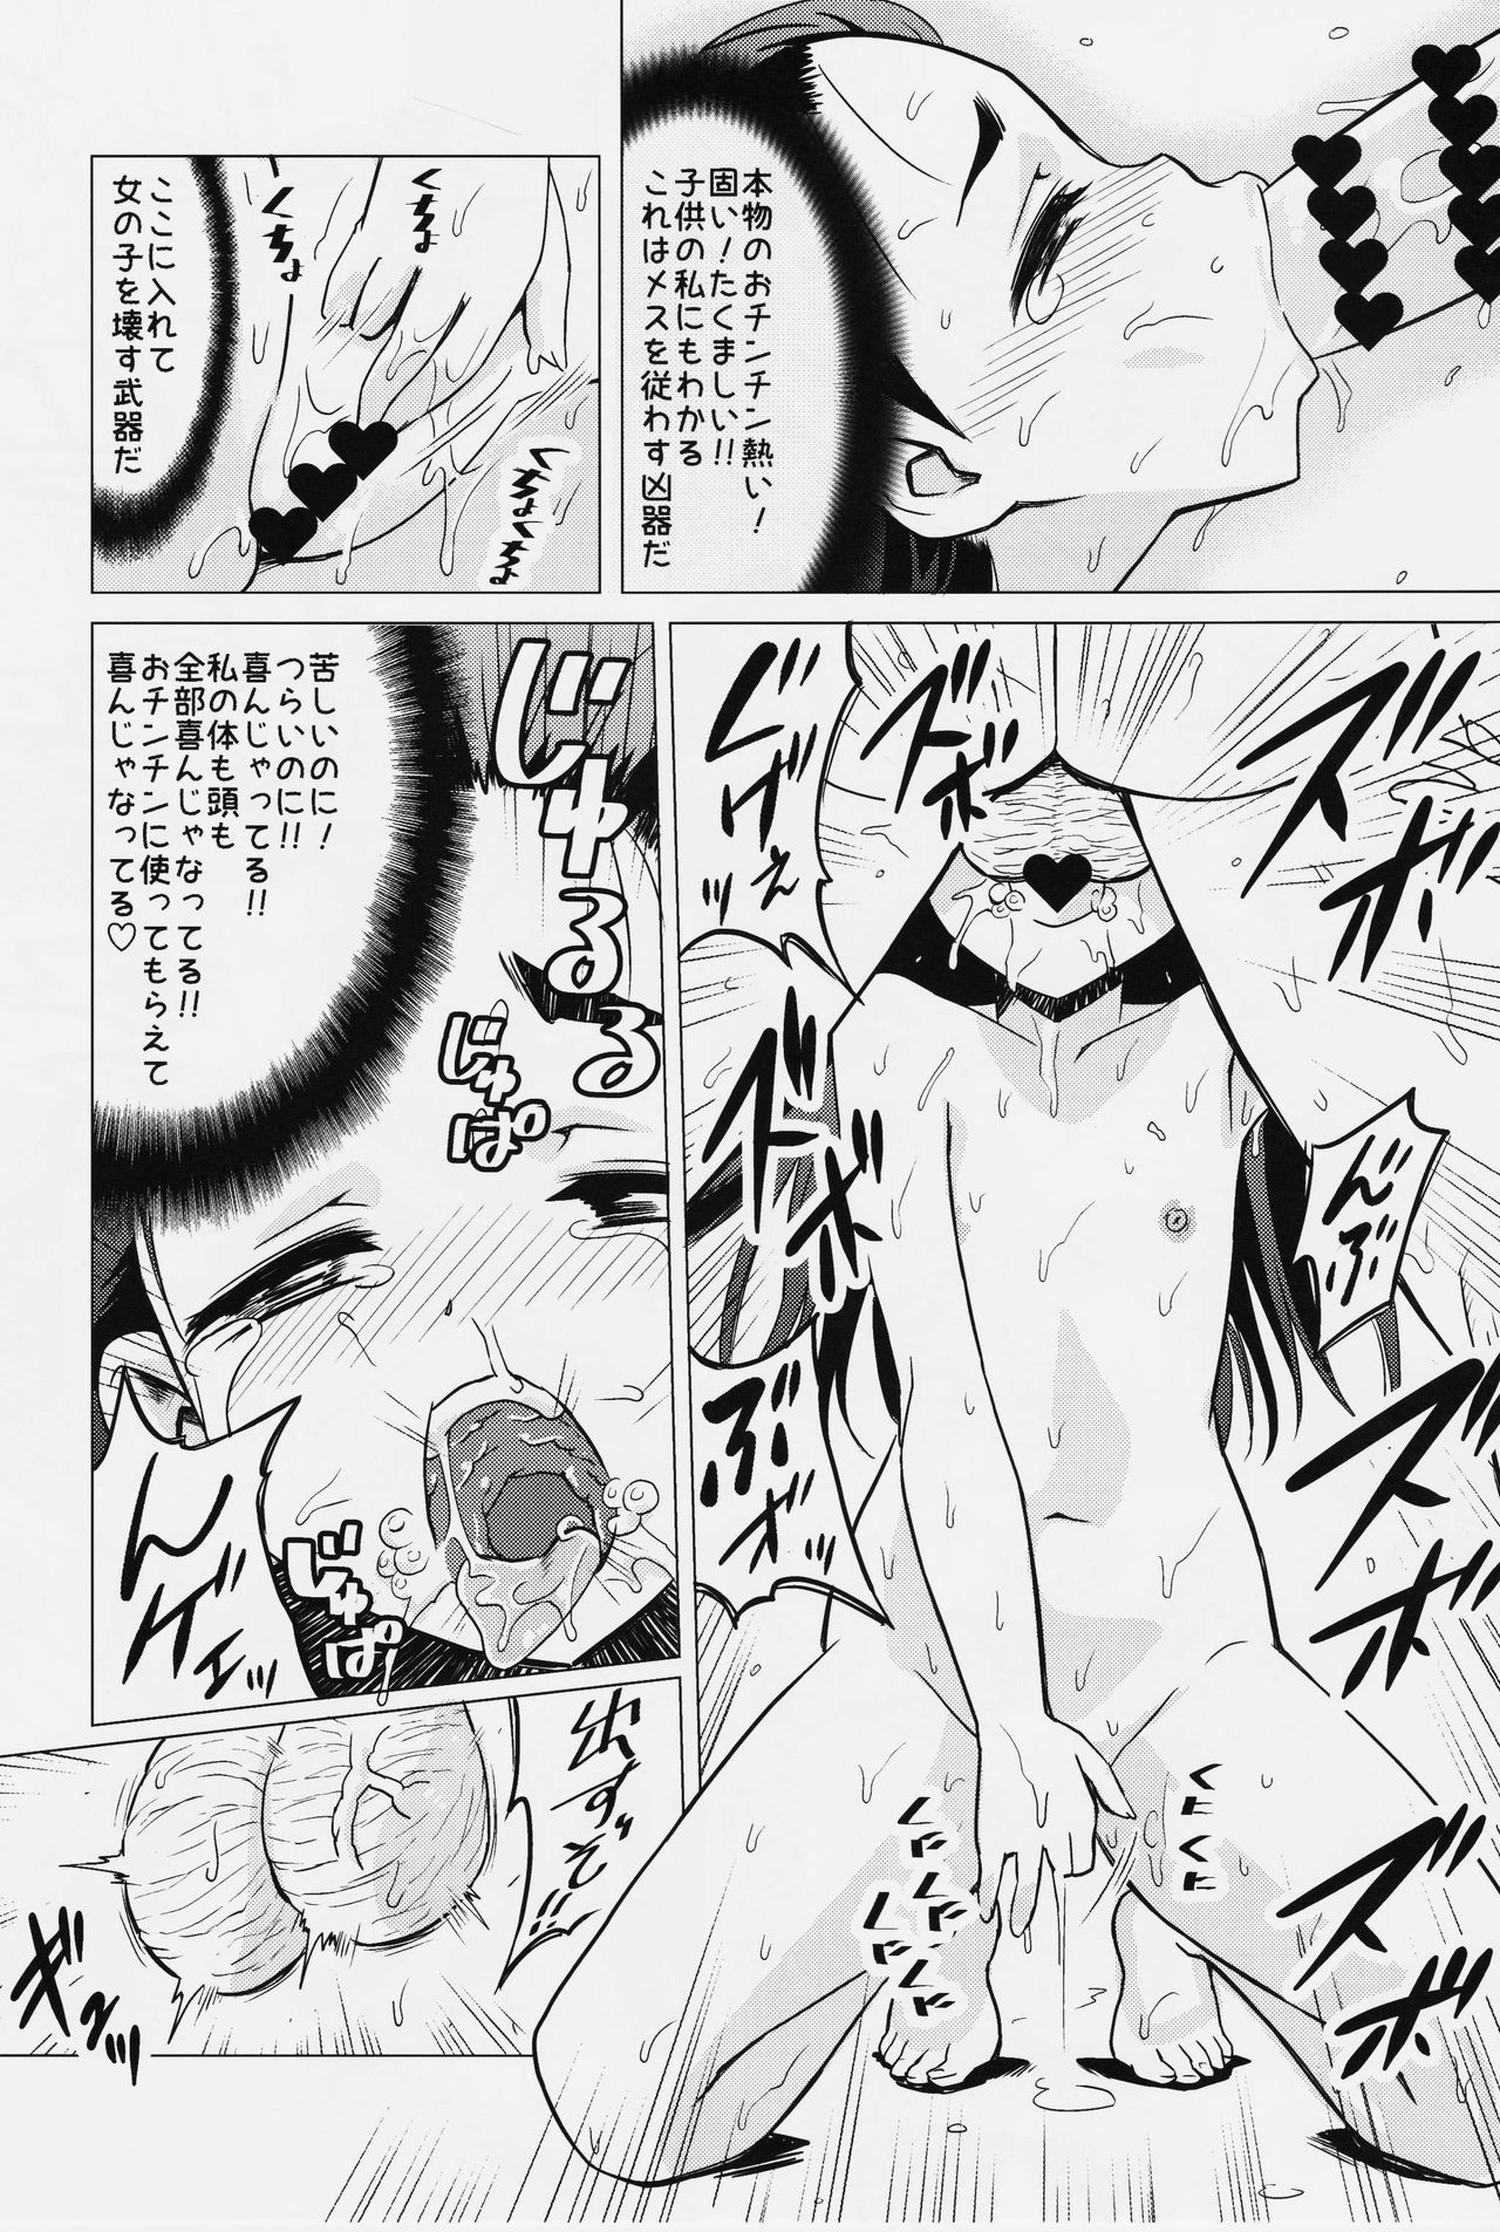 【エロ漫画・エロ同人】お尻を叩かれてエッチなことに目覚めてしまったM女JSが先生に調教されて、脱糞プレイでも感じちゃう変態に・・・ (14)